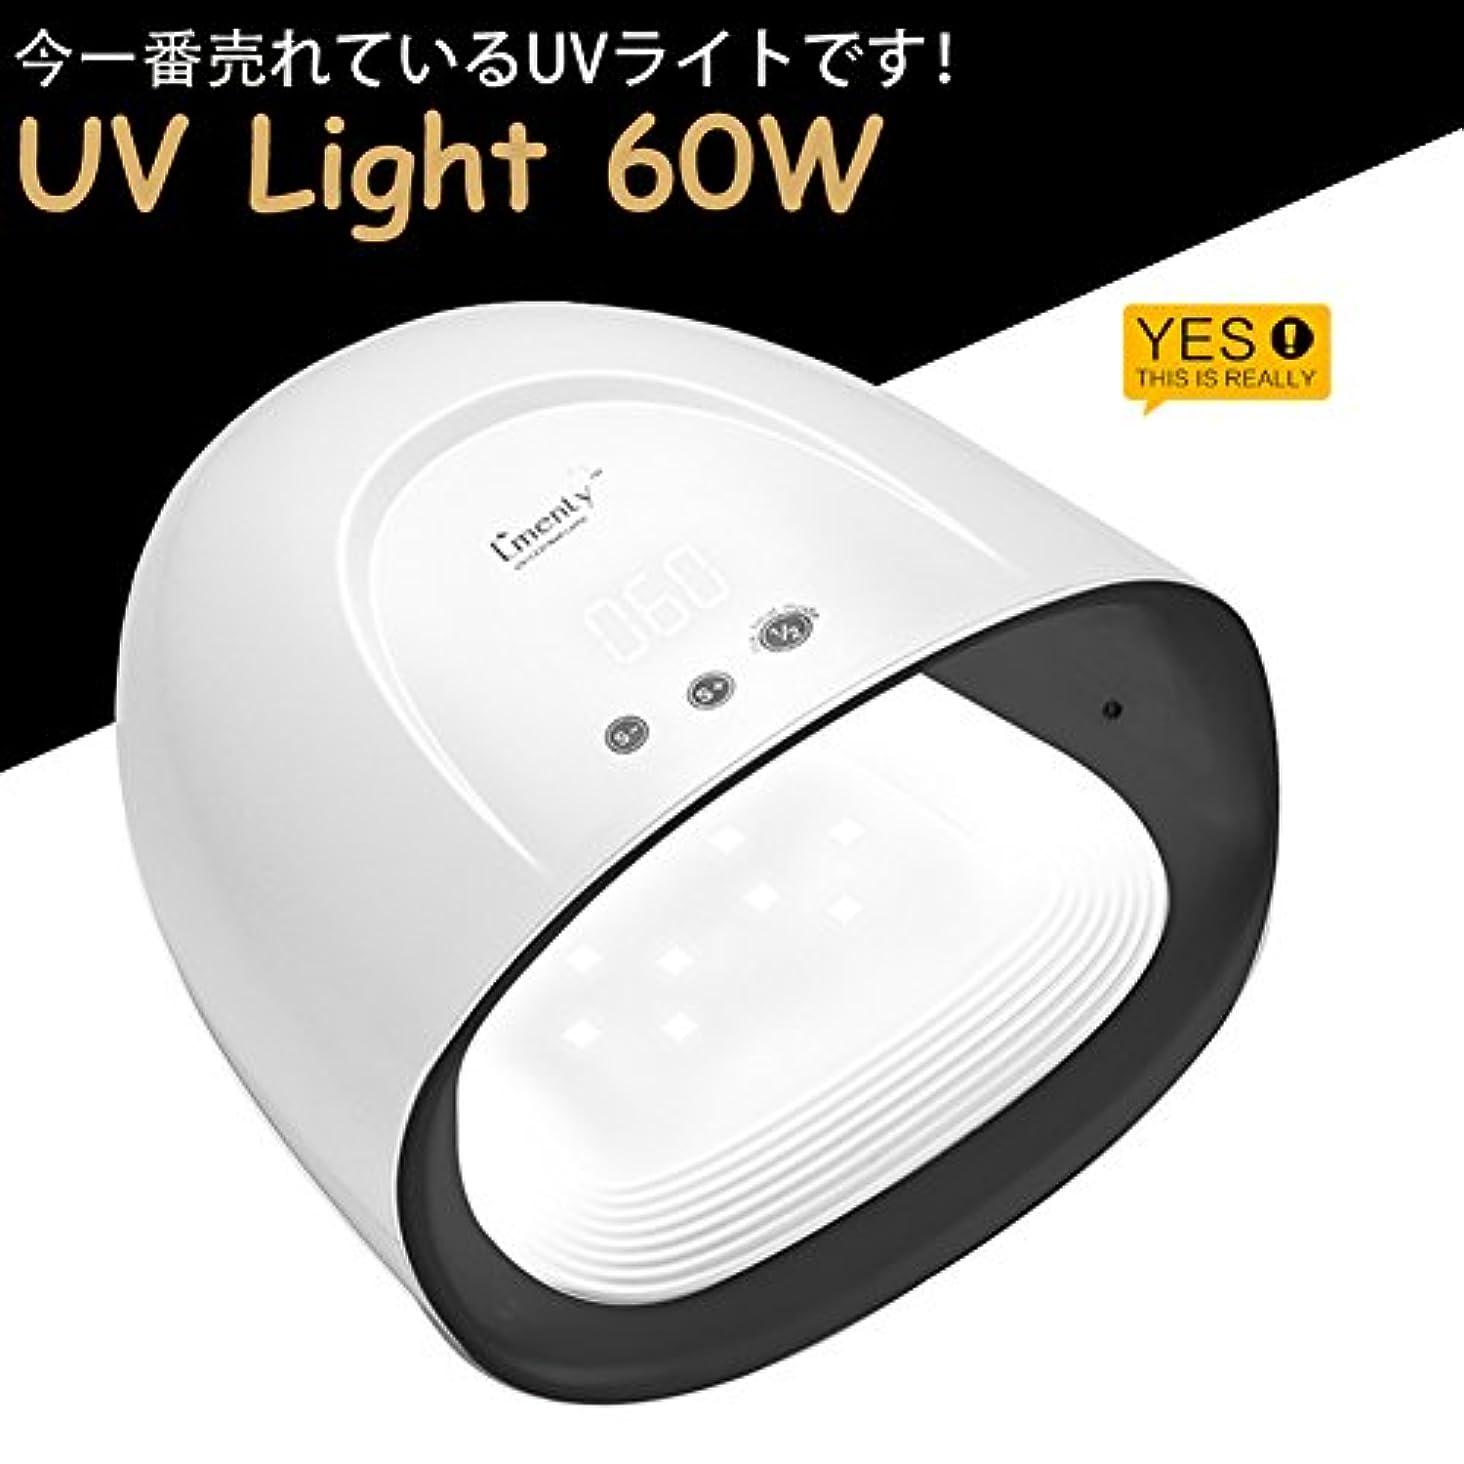 音声学うま記録マニキュア用 ネイルドライヤー UV?LEDダブル光源 ハイパワー 60W最新版 知能のデザイン 快適に硬化 五つのタイマ設定可能 12ヶ月の保証期間 日本語の説明書 (ブラック)